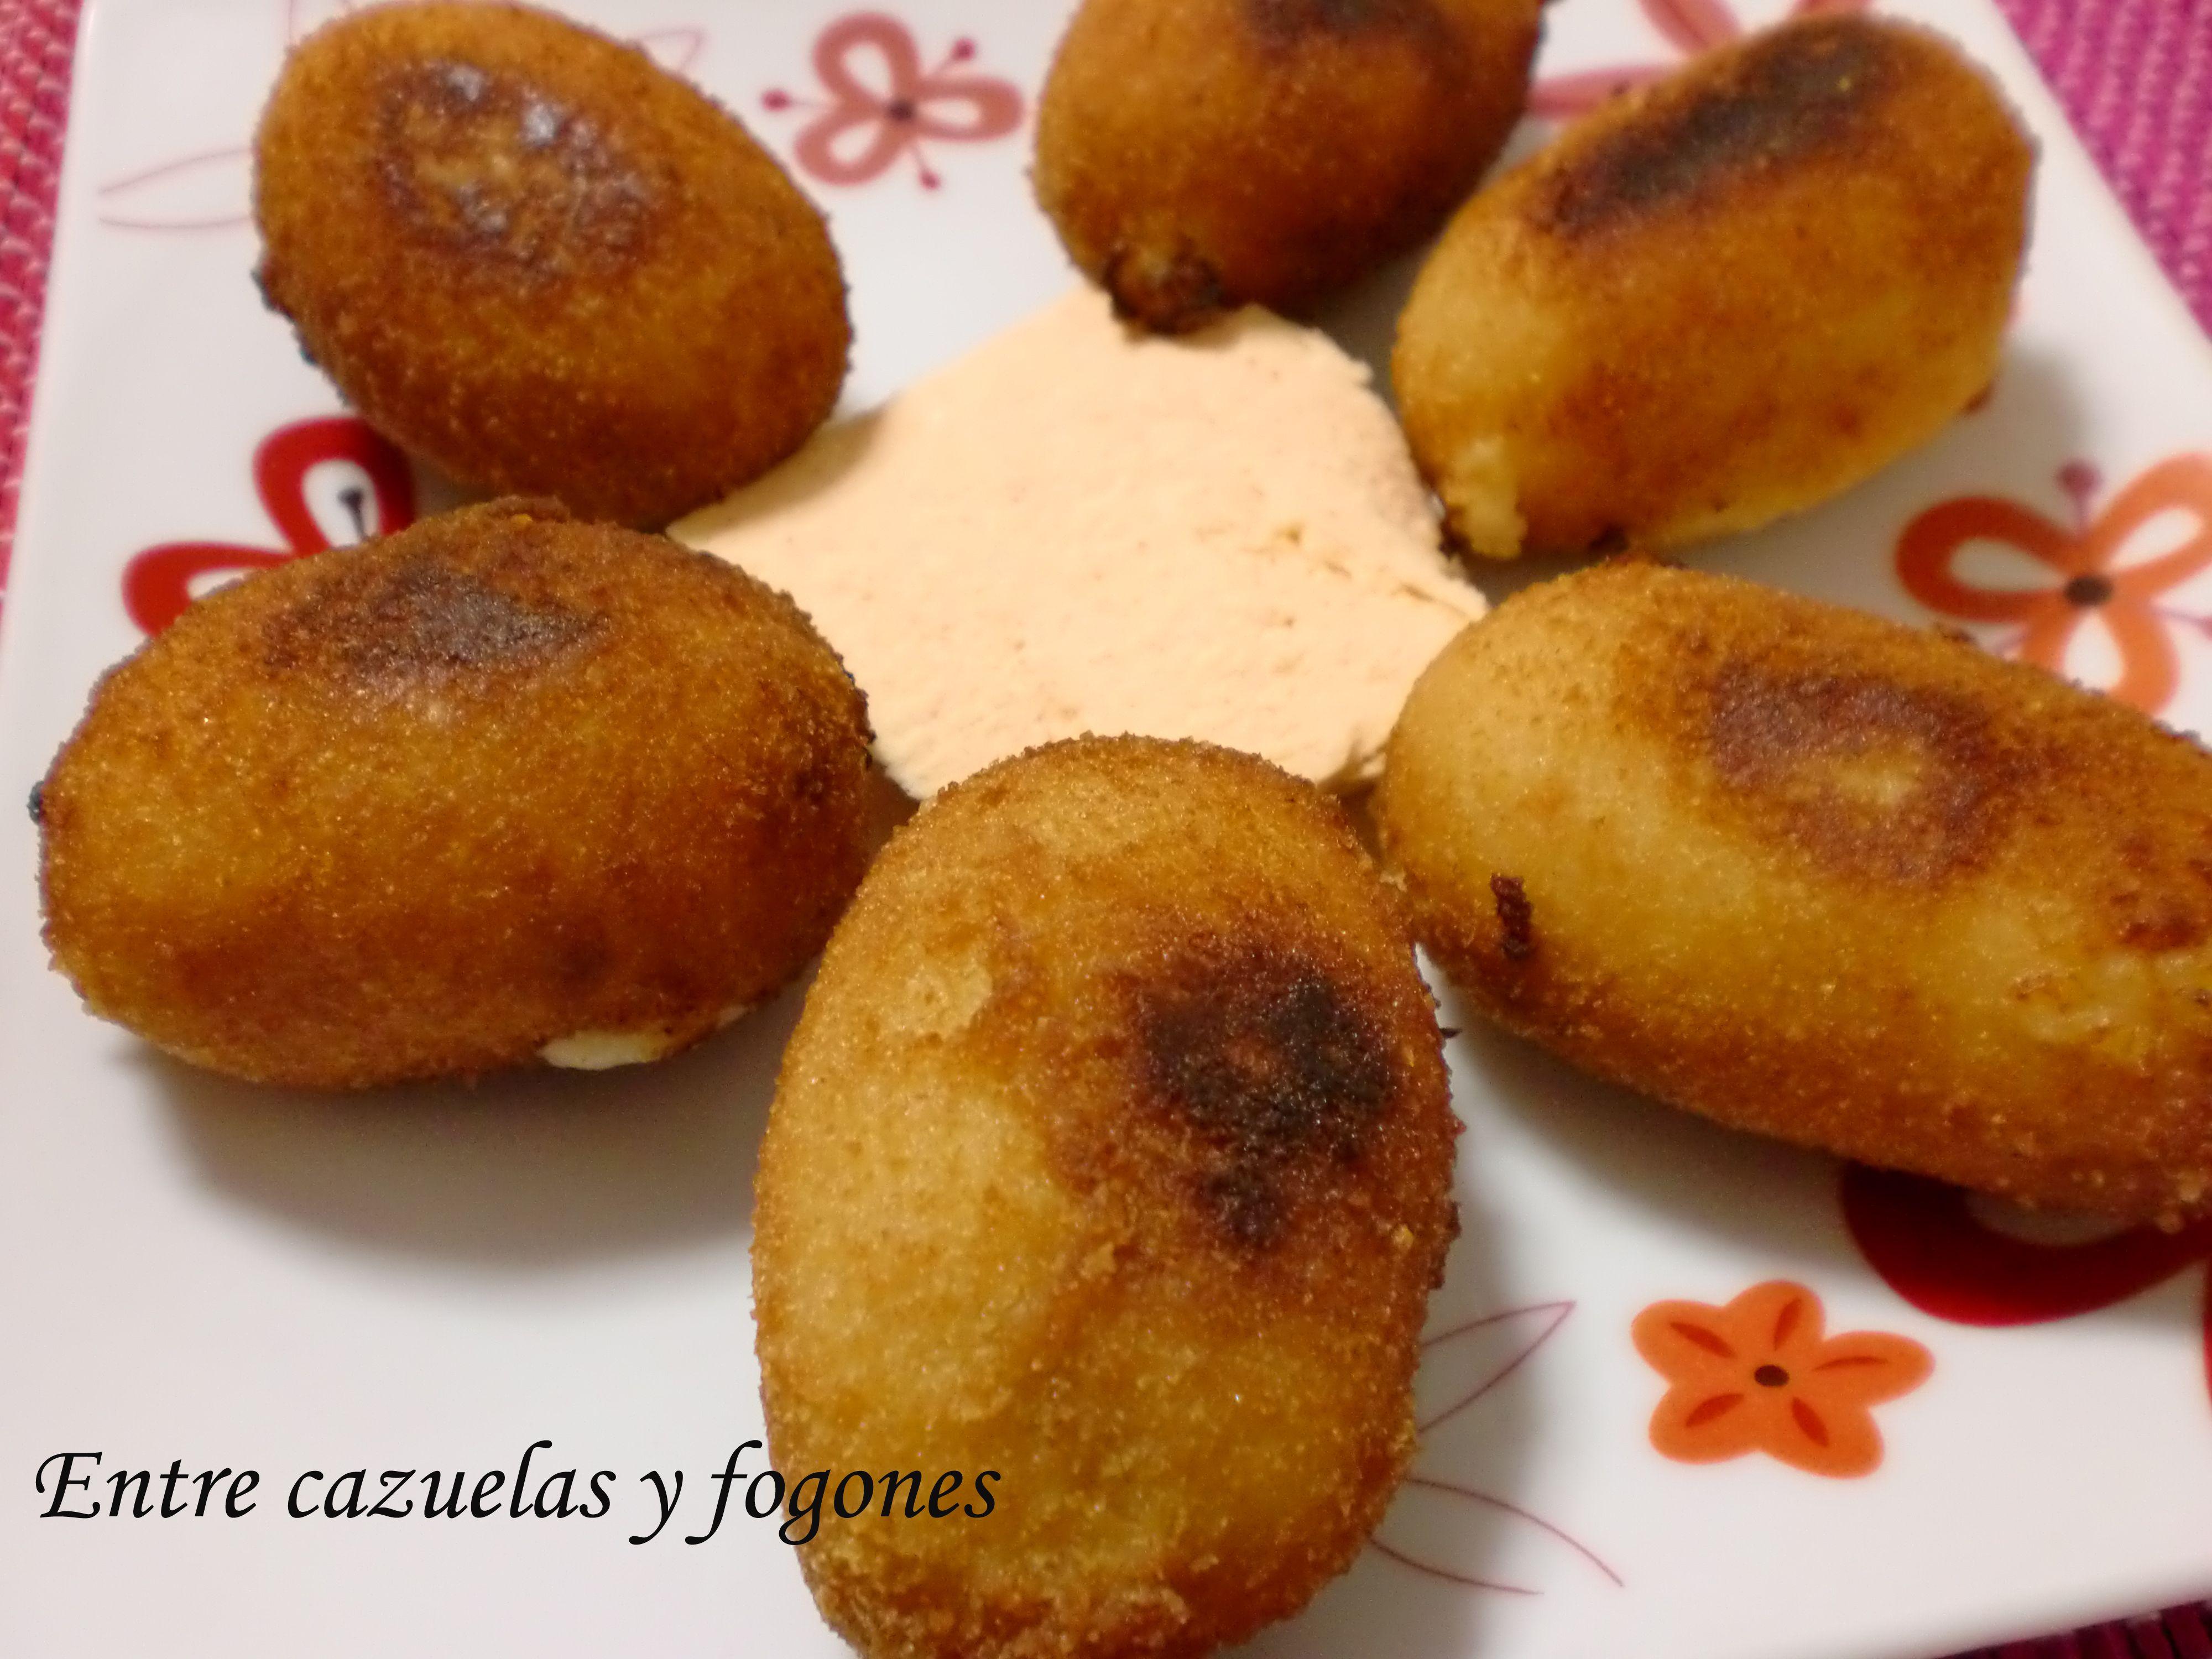 Croquetas de queso afuega´l pitu, delicioso queso asturiano